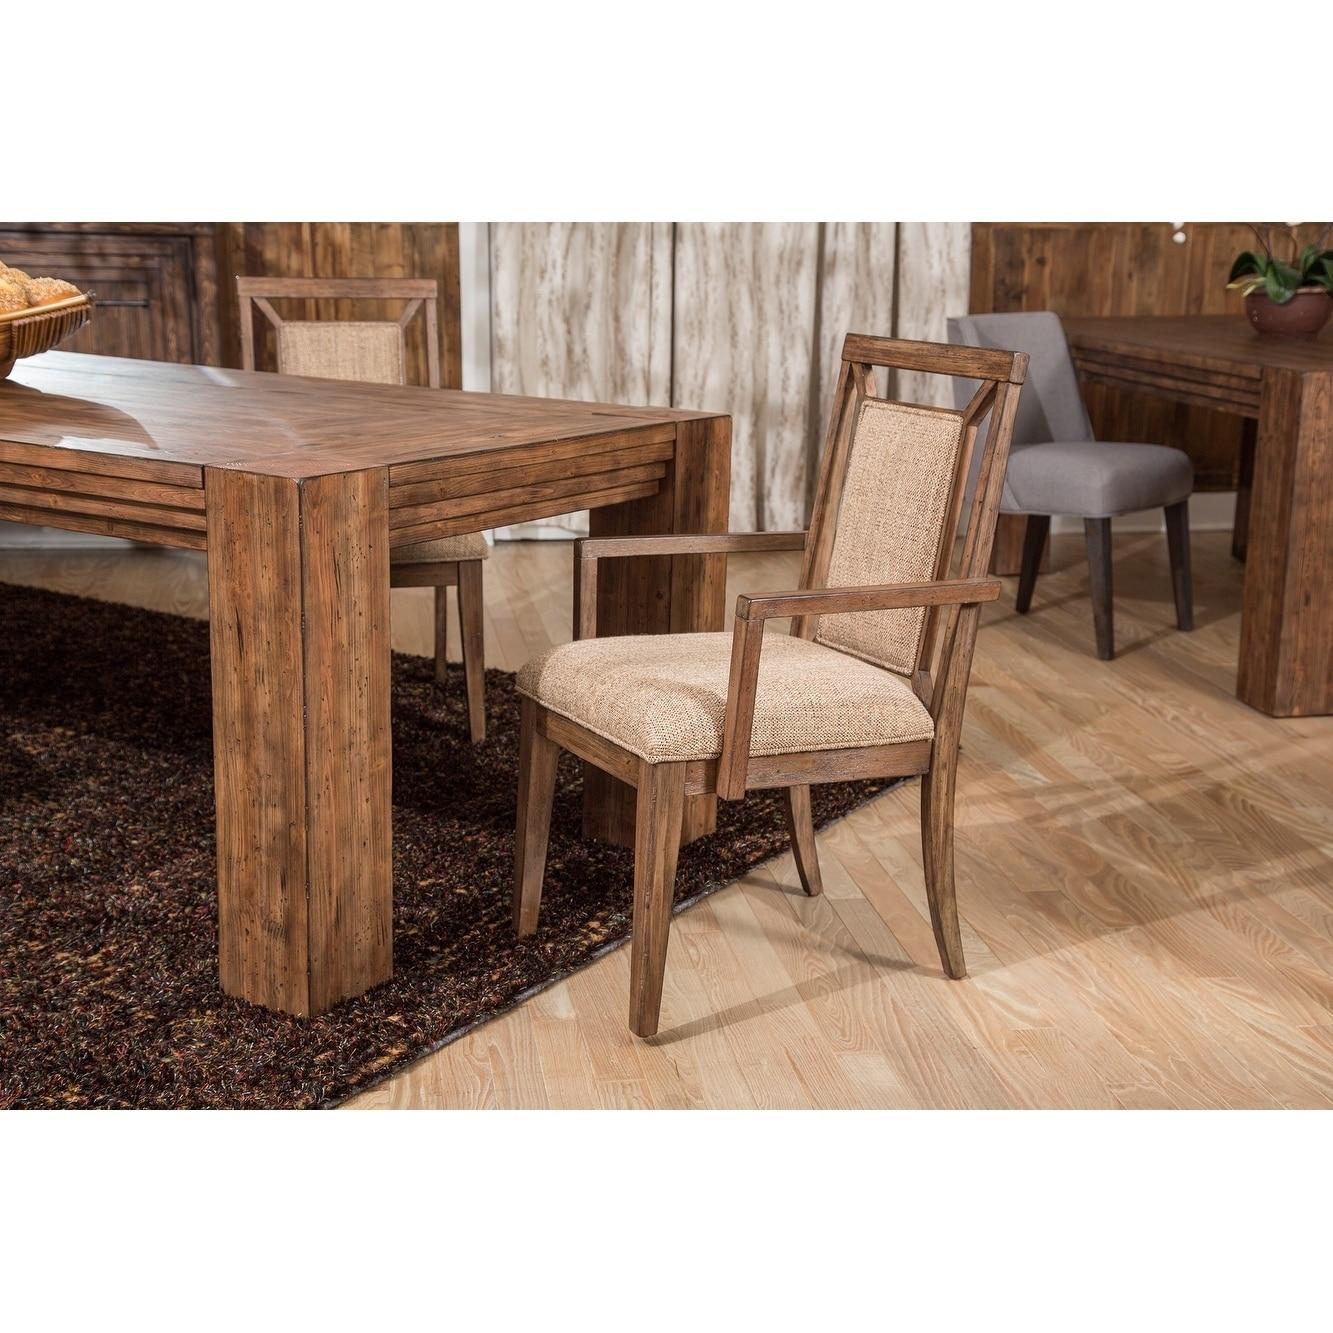 Carrollton Rustic Ranch Arm Chair by Kathy Ireland